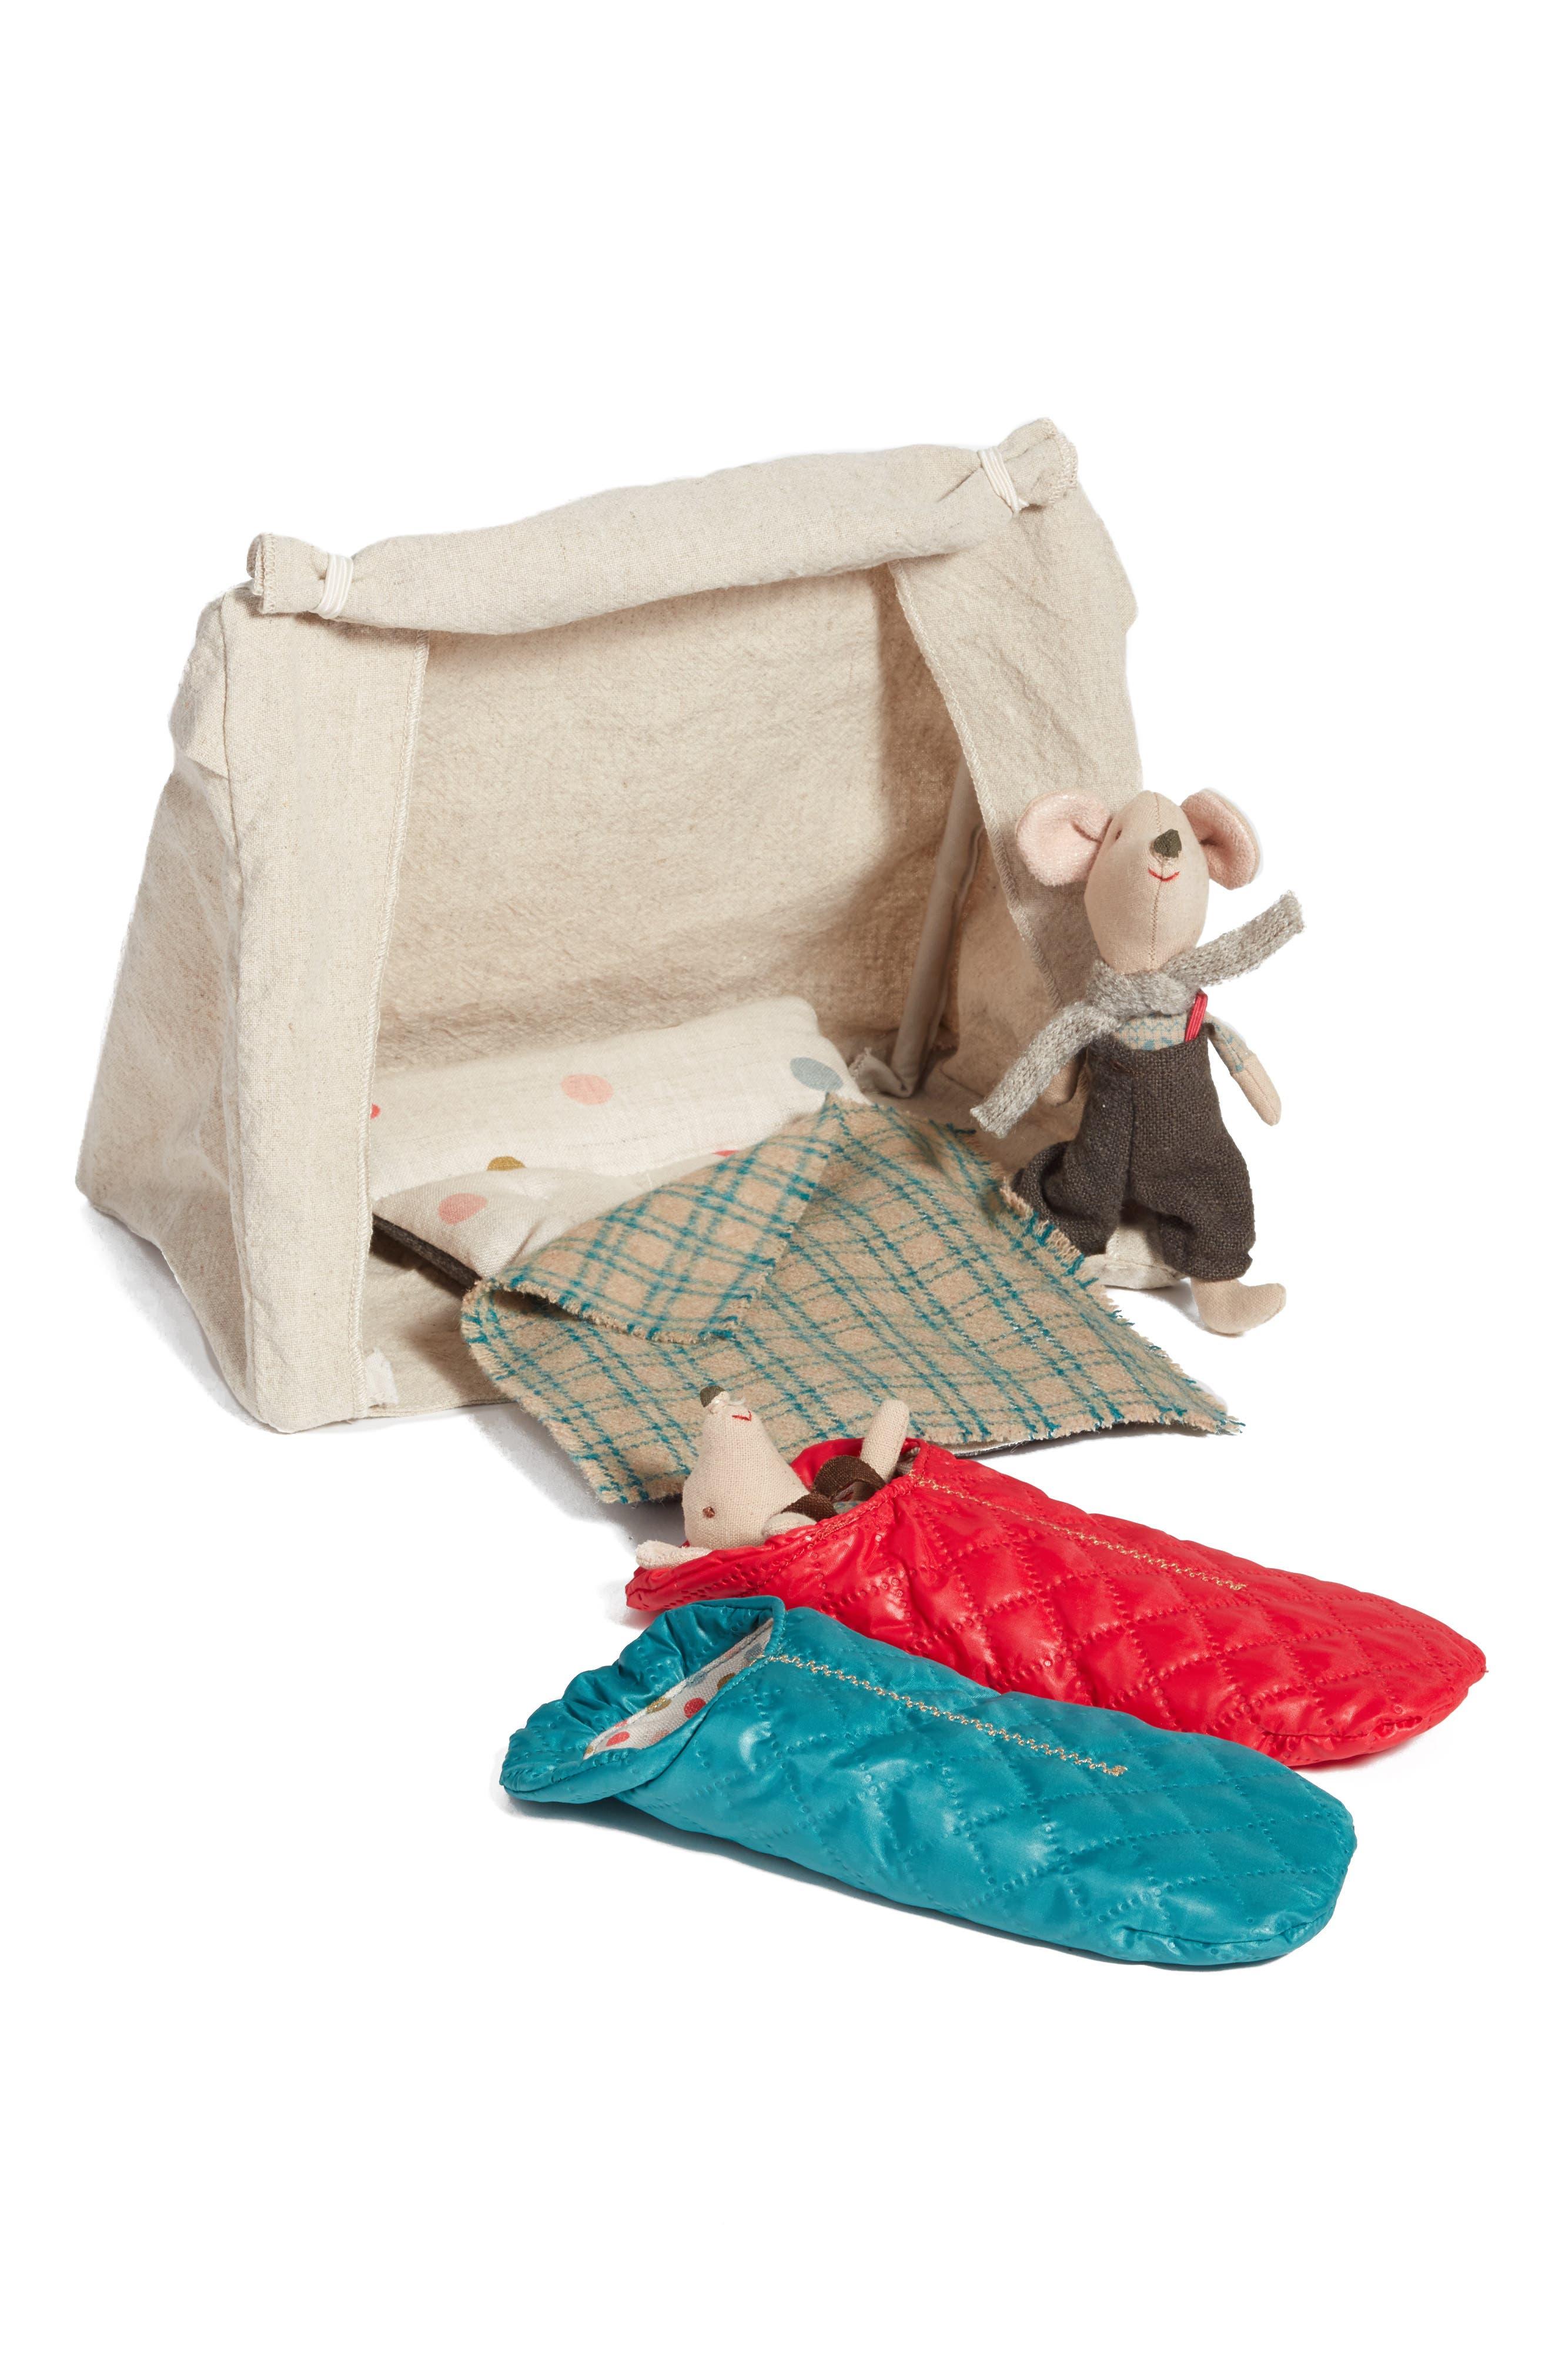 Mouse Tent 5-Piece Play Set,                         Main,                         color, 401